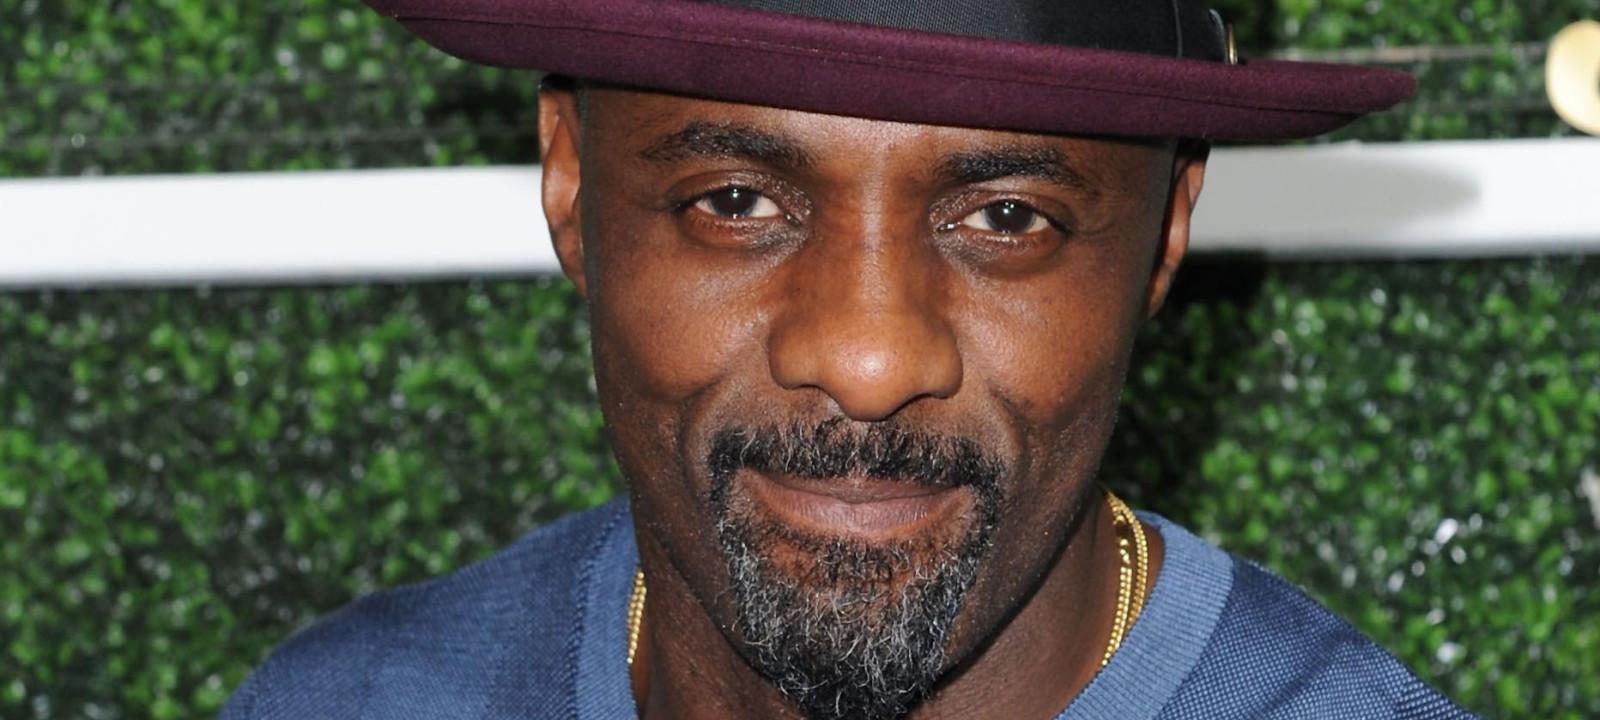 Idris Elba as Krall in 'Star Trek Beyond'